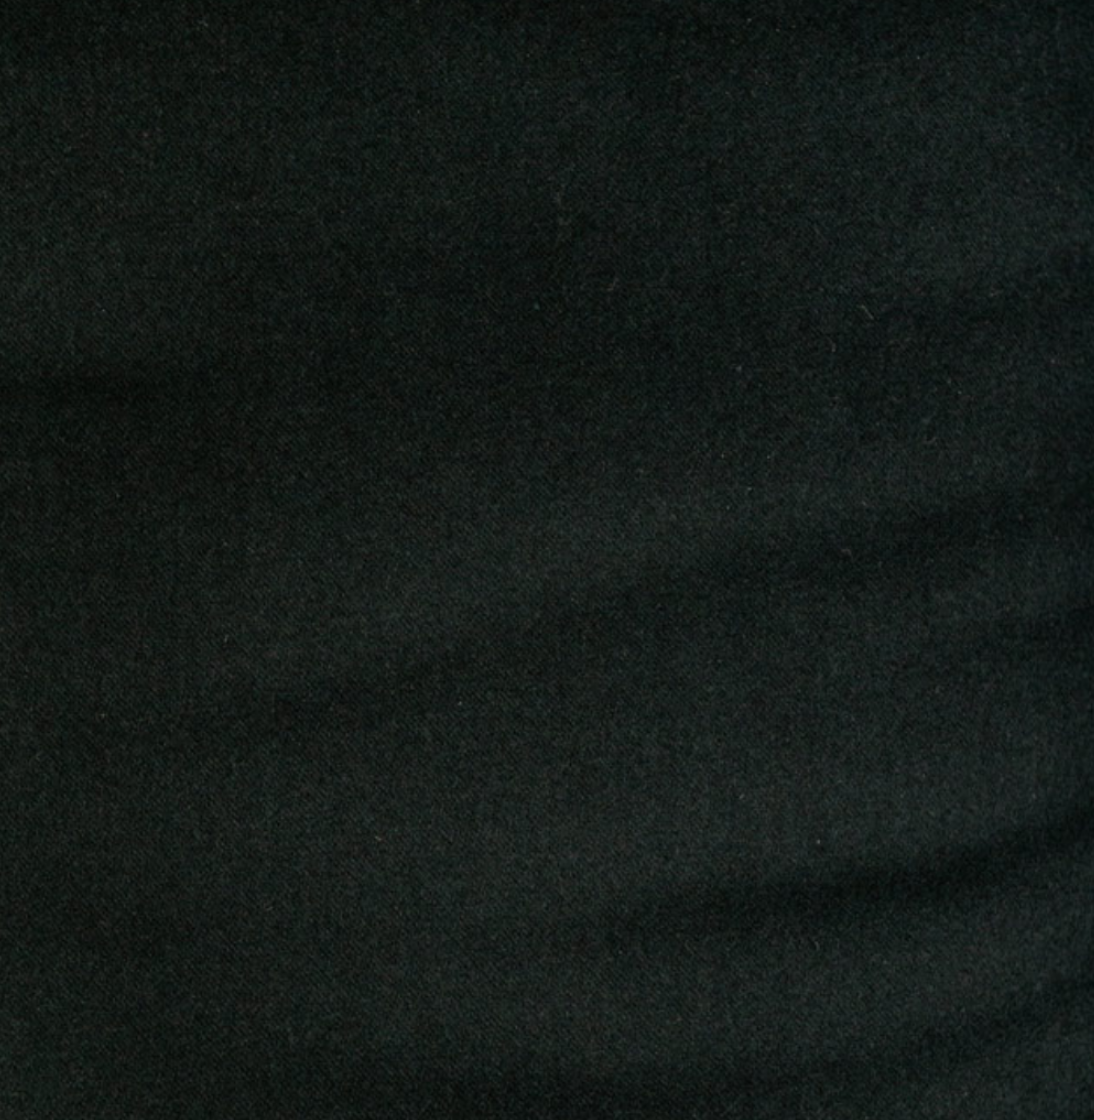 Black - Cotton Moleskin - Robert Kaufman